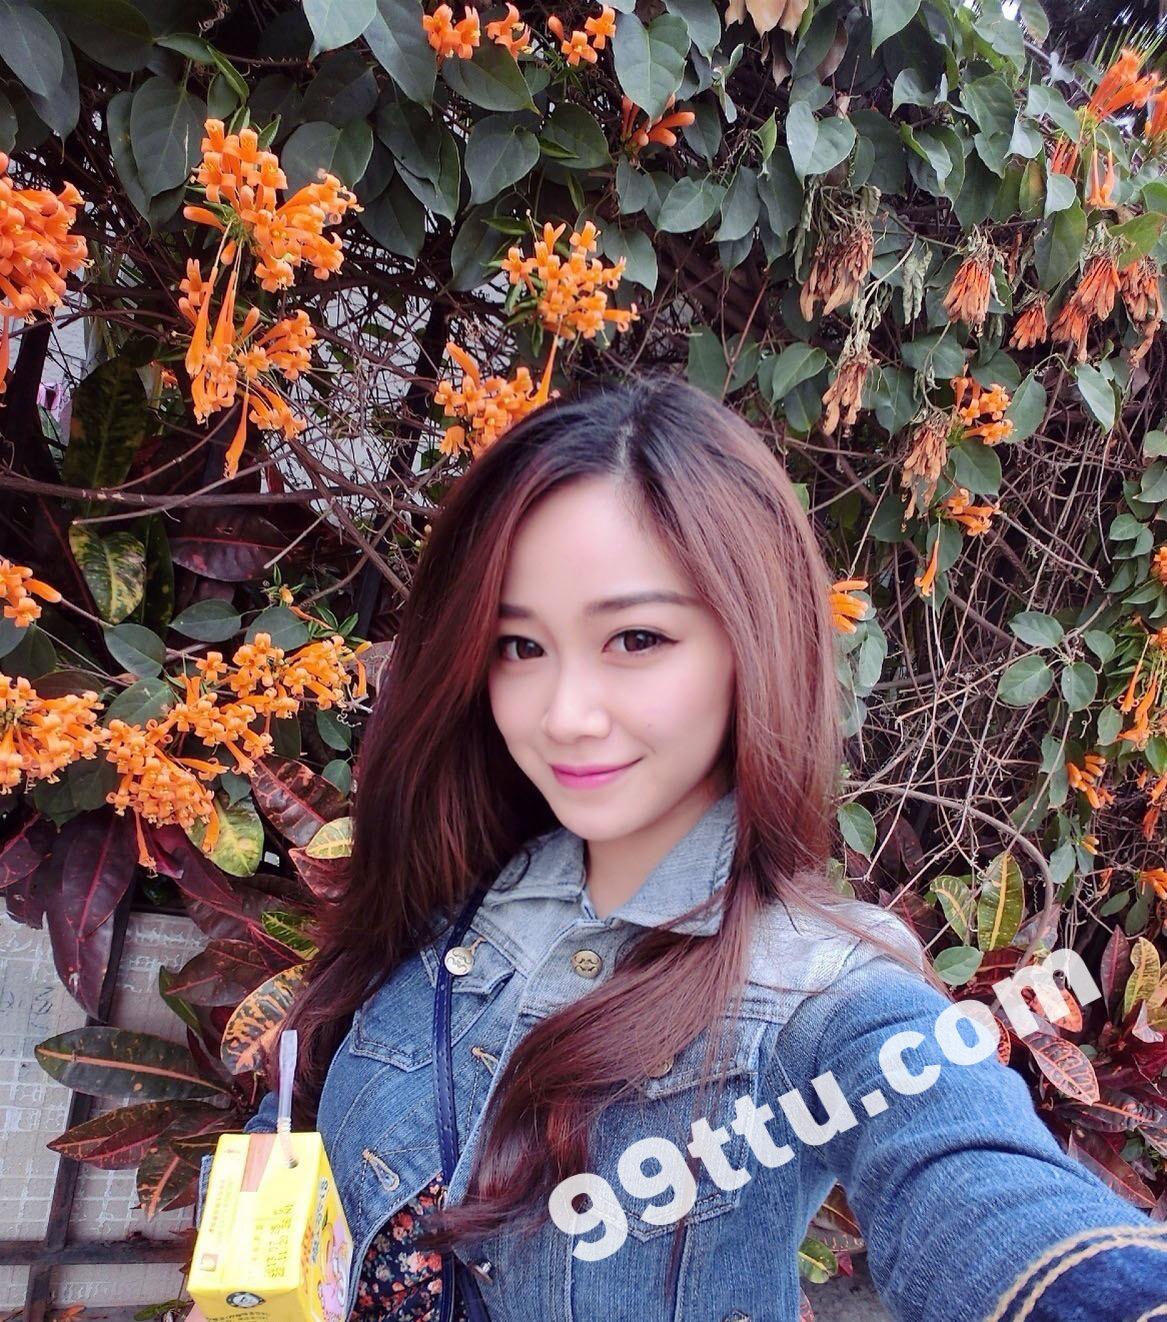 KK41 514张 气质时尚美女素颜生活照套图-5